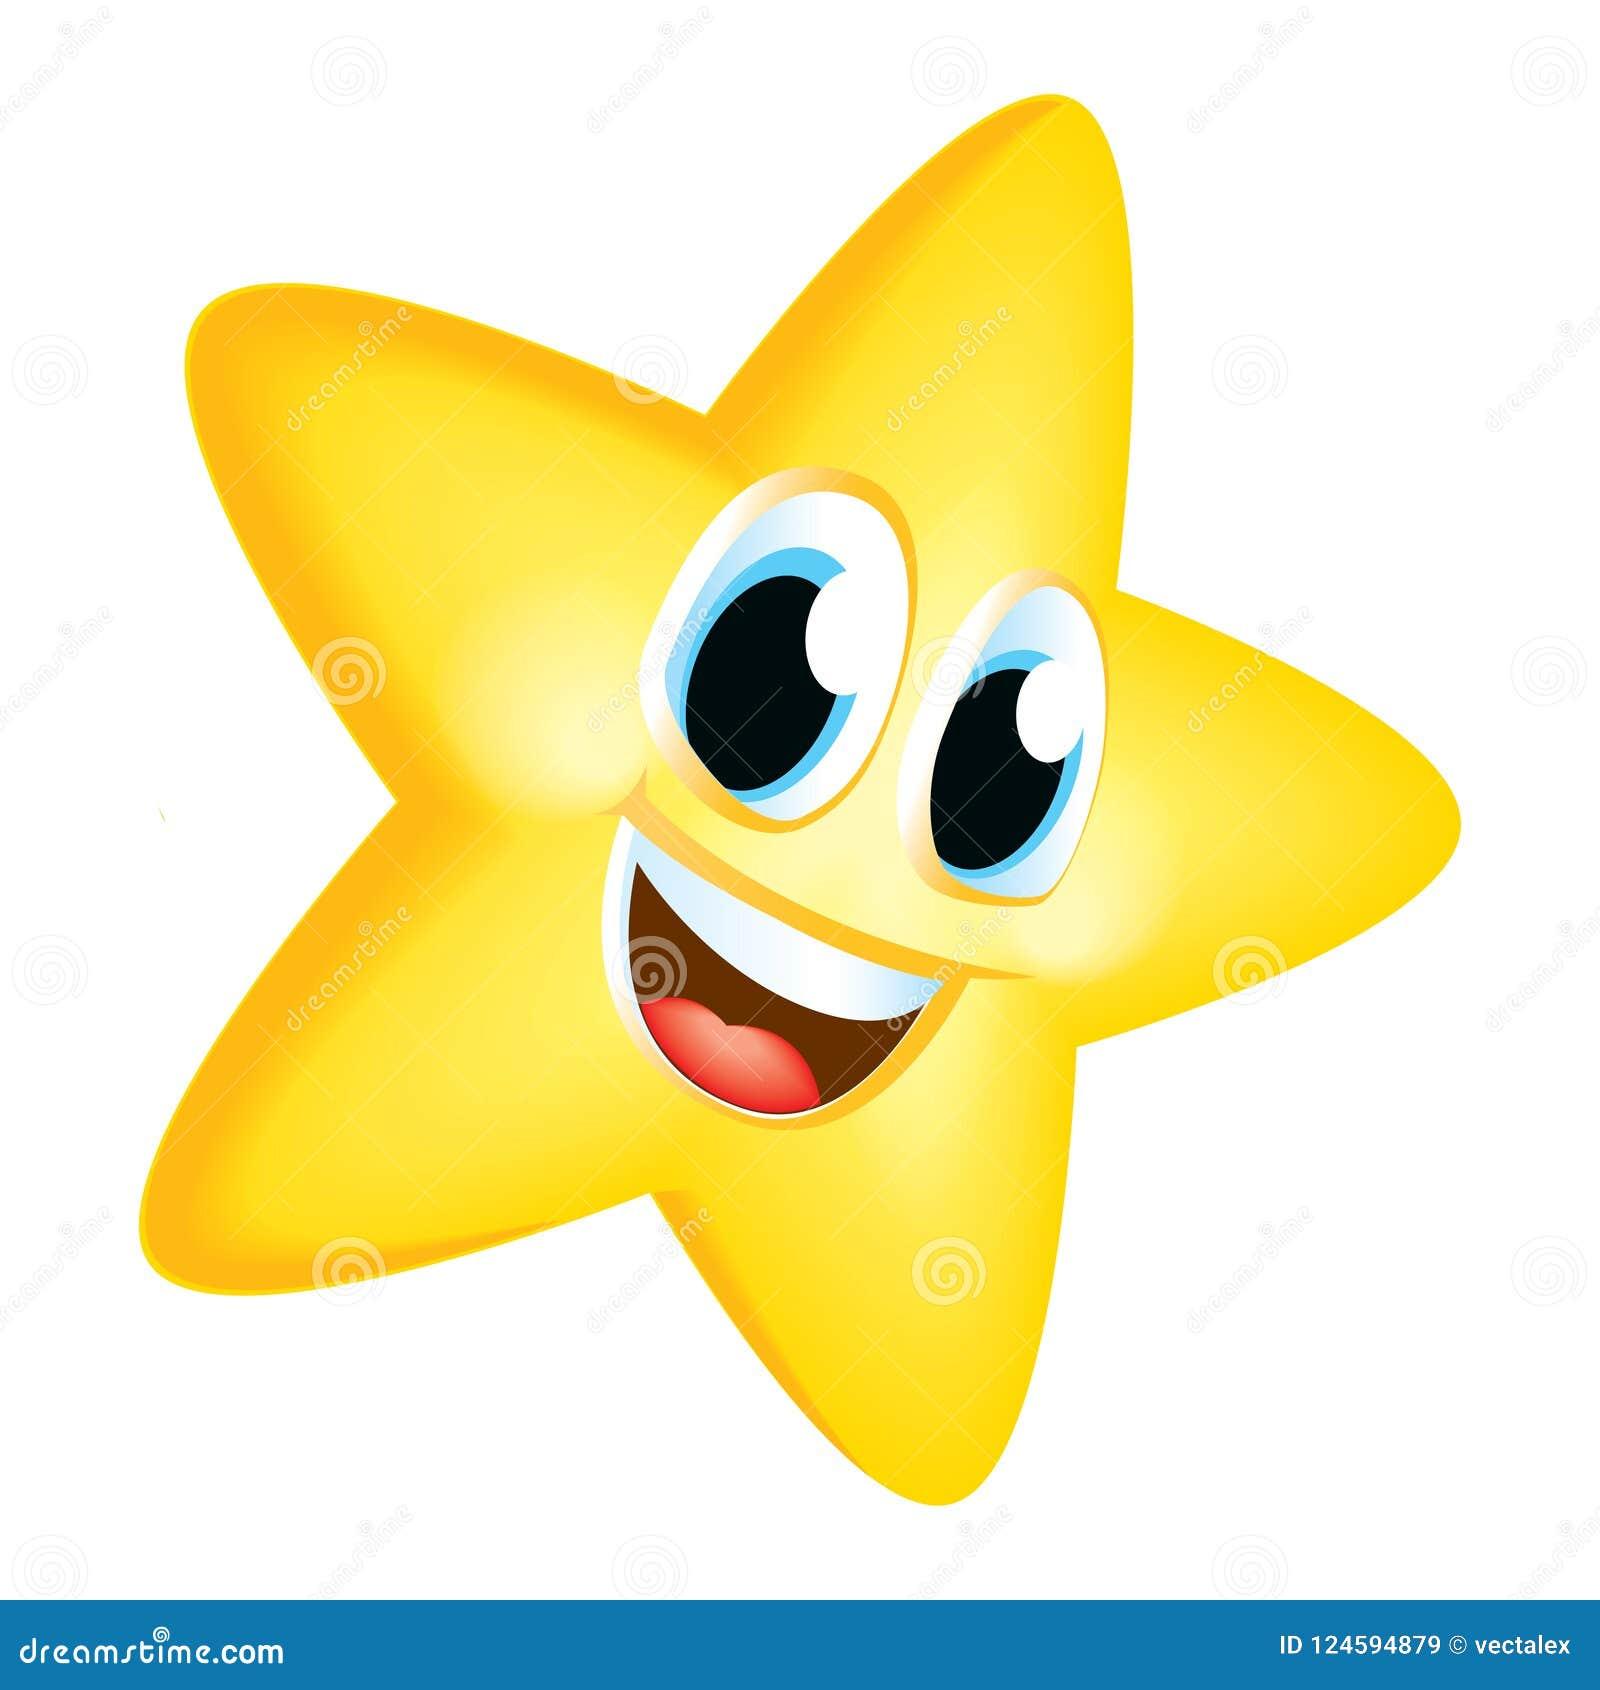 Cartoon Star Smile Emoji Cute Mascot Reach Raise Vector ...